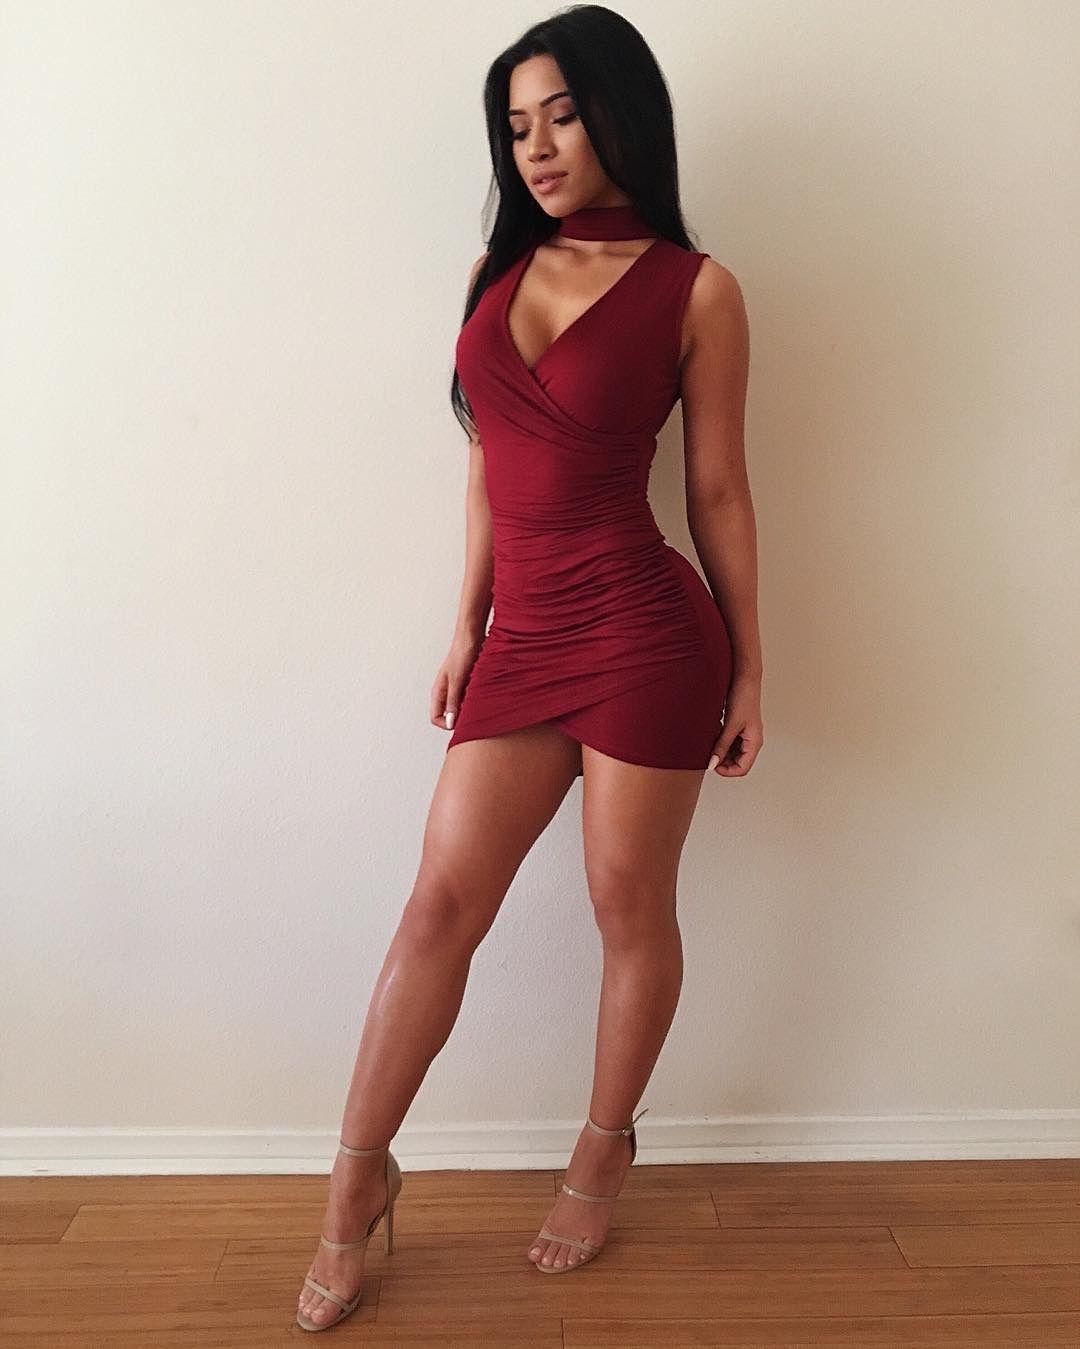 Фото видео мулатка в коротком платье жена